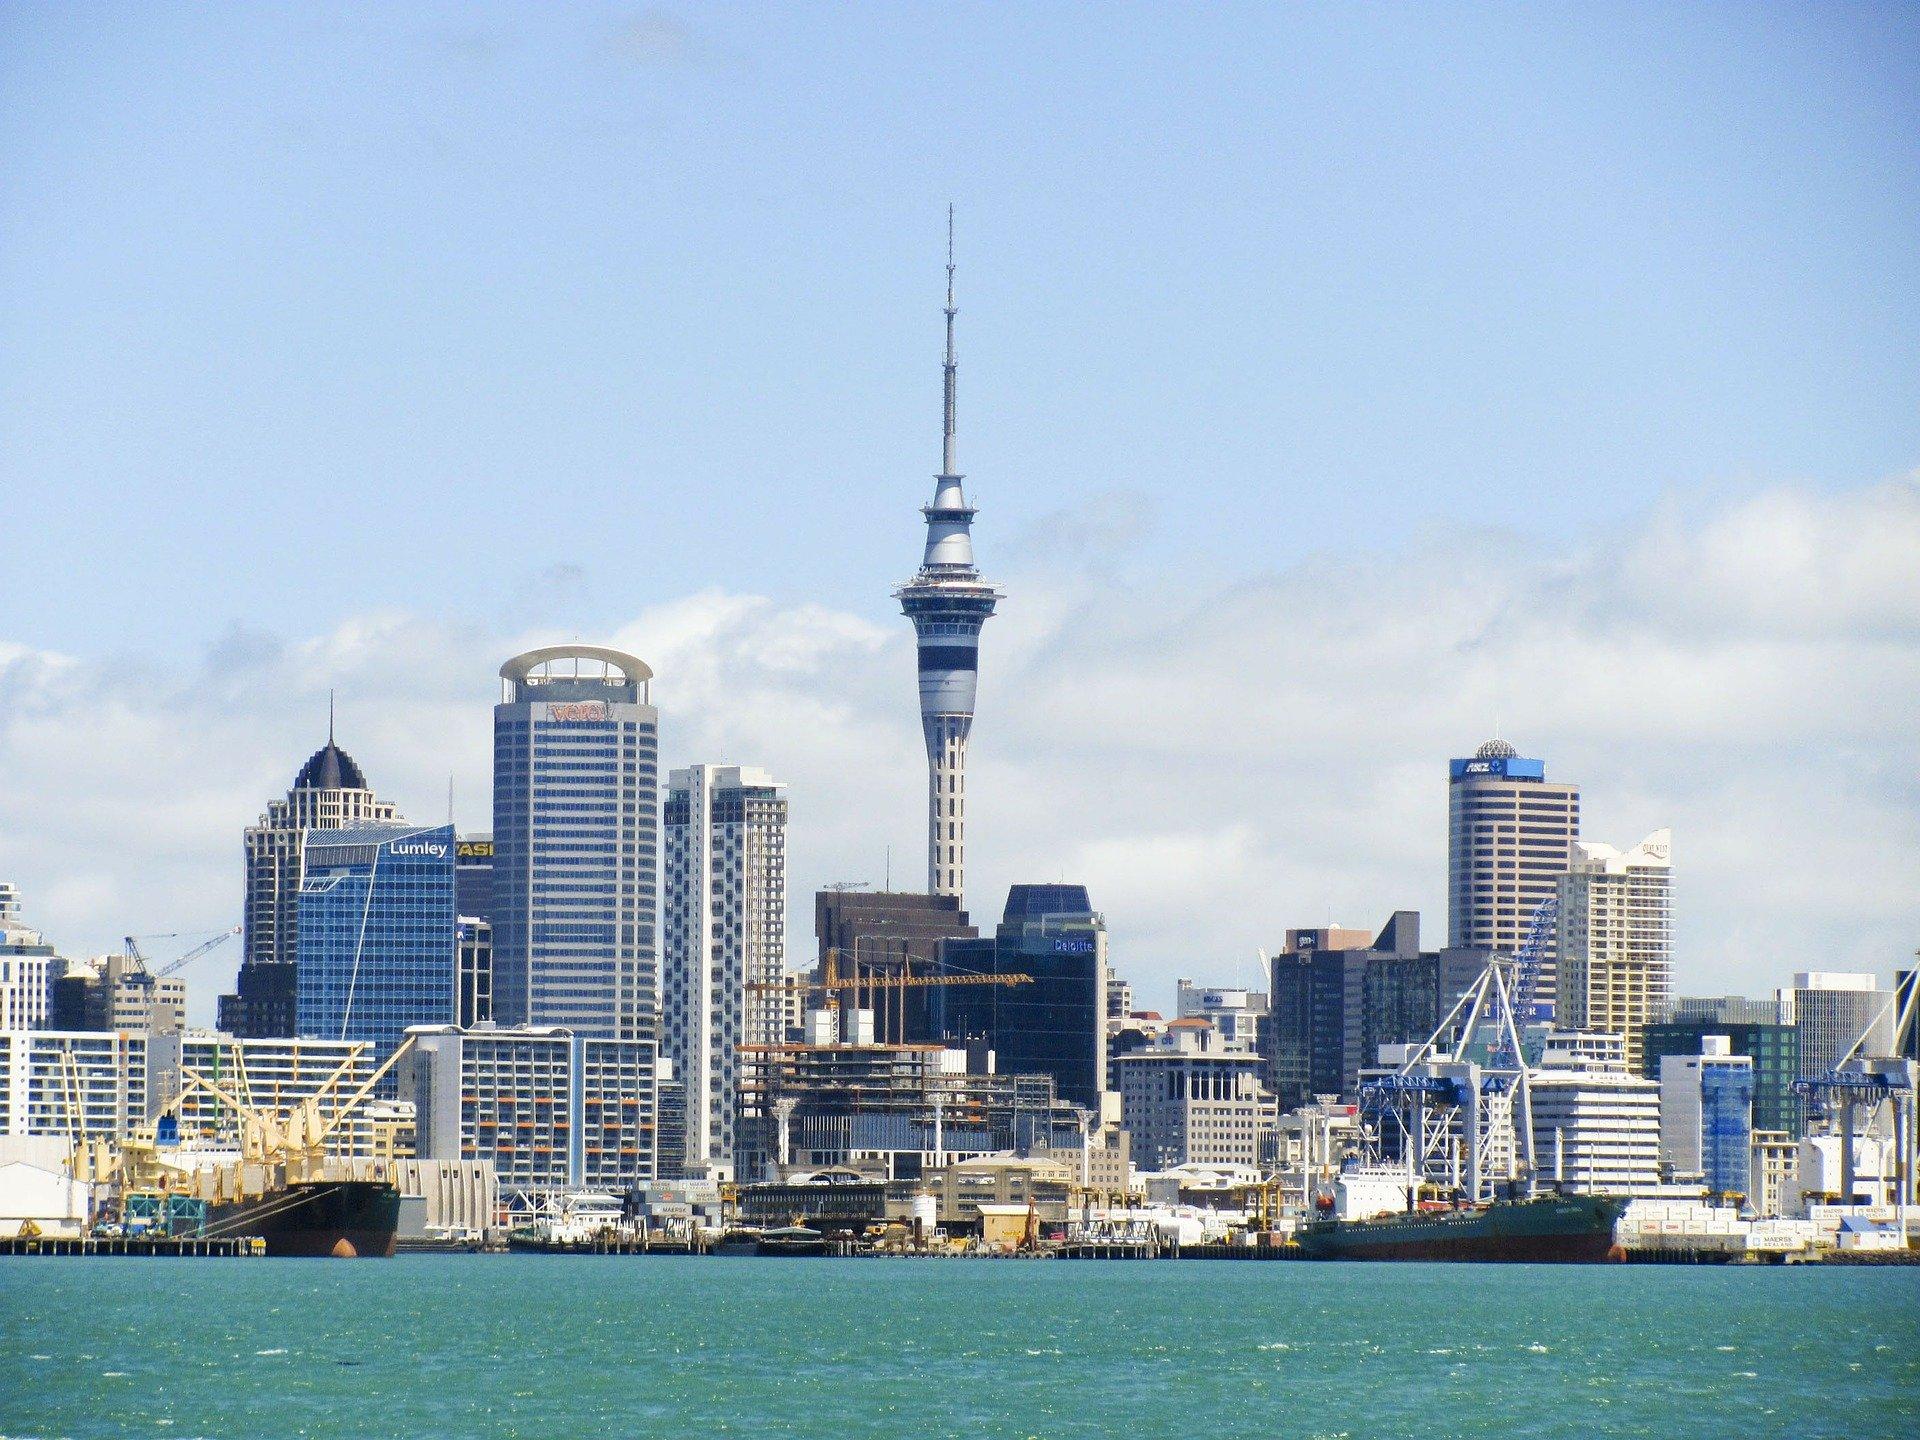 Νέα Ζηλανδία Lockdown: Η μεγαλύτερη πόλη της Νέας Ζηλανδίας θα παραμείνει σε lockdown για τουλάχιστον δύο ακόμη εβδομάδες